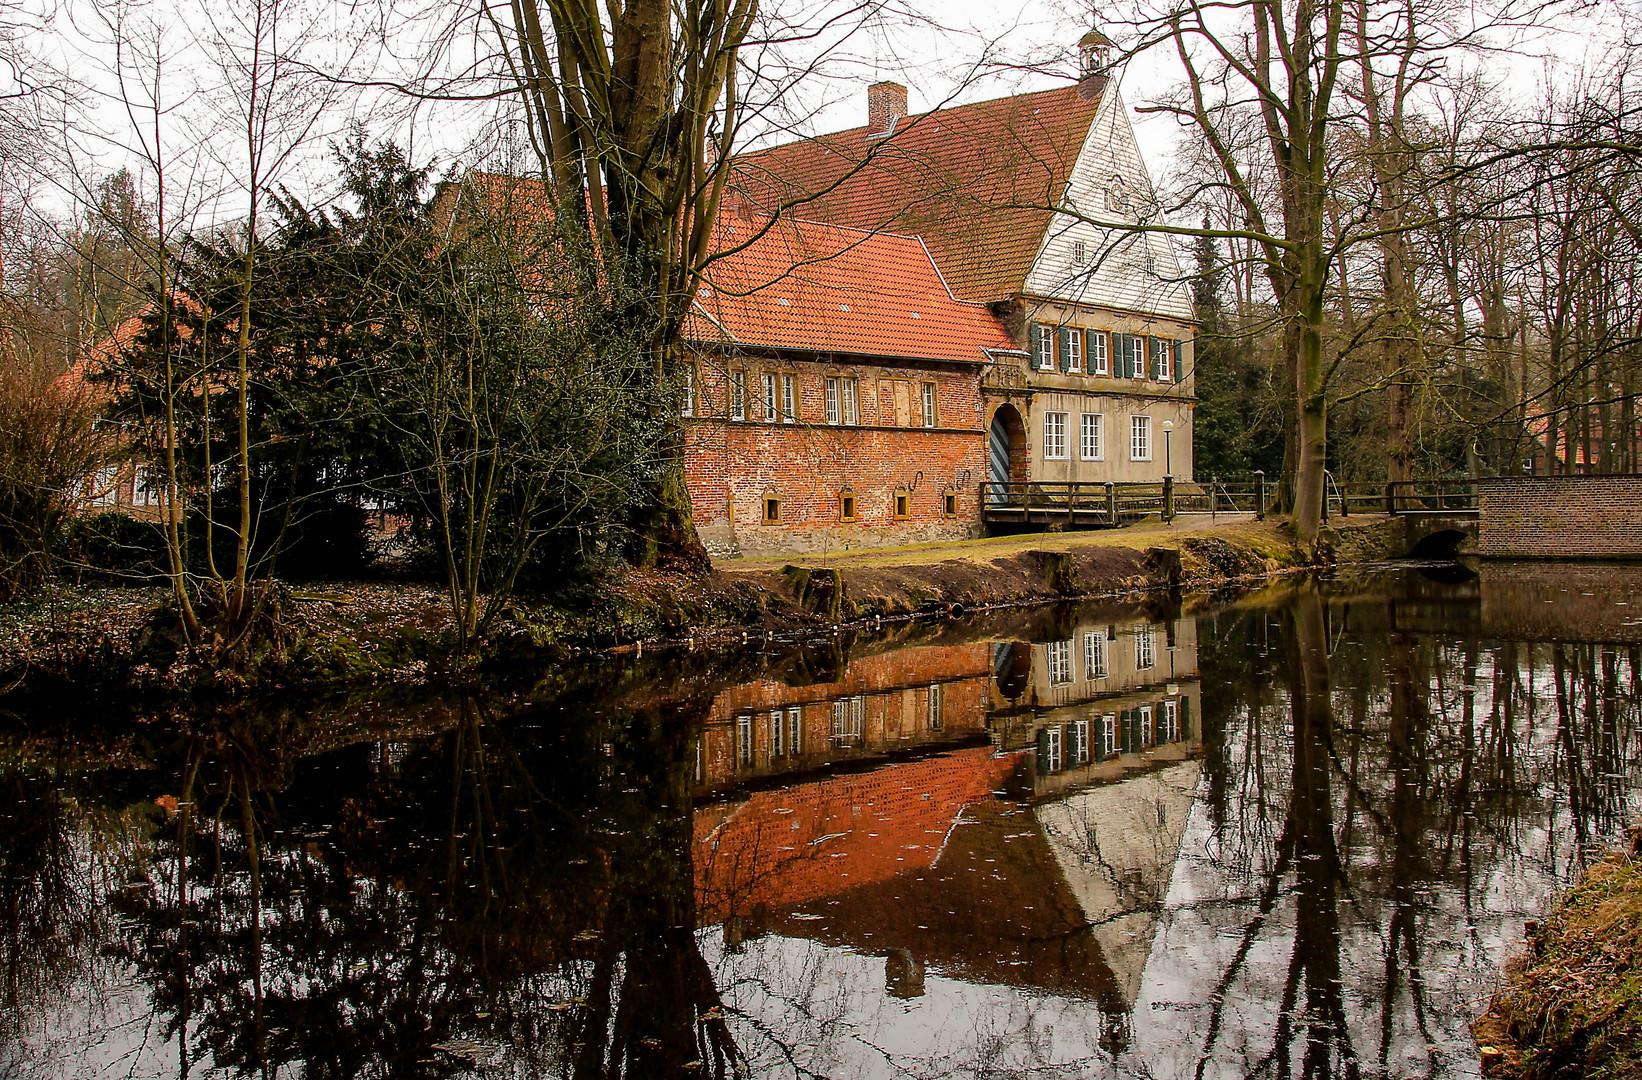 Kloster Burg Dinklage (Dietrichsburg)